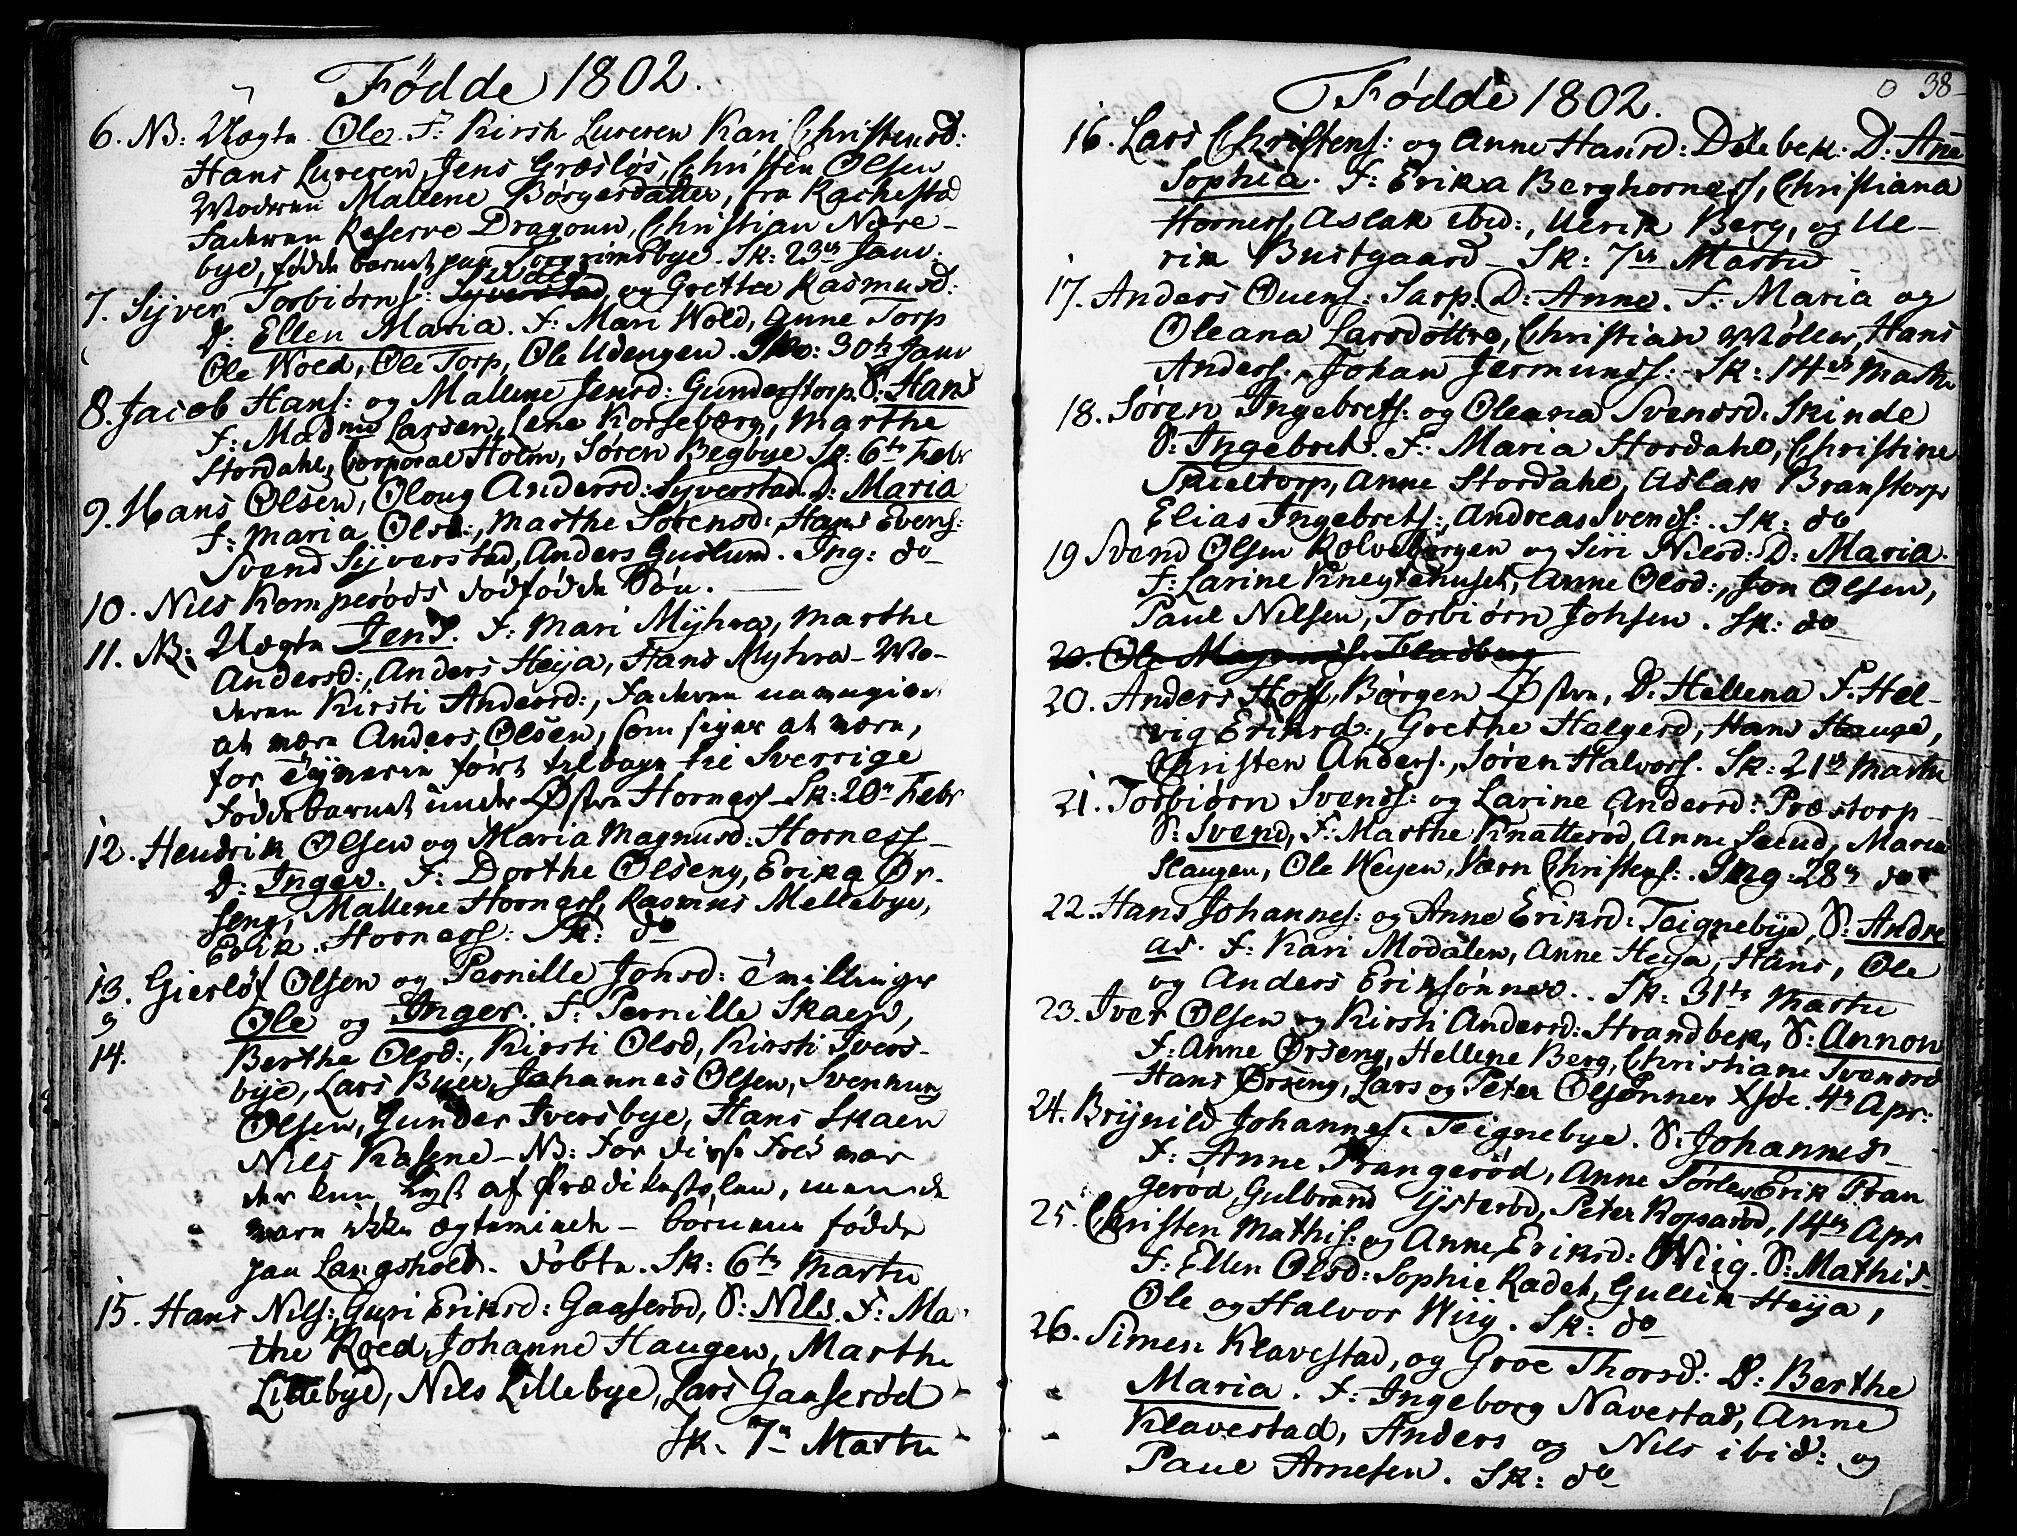 SAO, Skjeberg prestekontor Kirkebøker, F/Fa/L0003: Ministerialbok nr. I 3, 1792-1814, s. 38